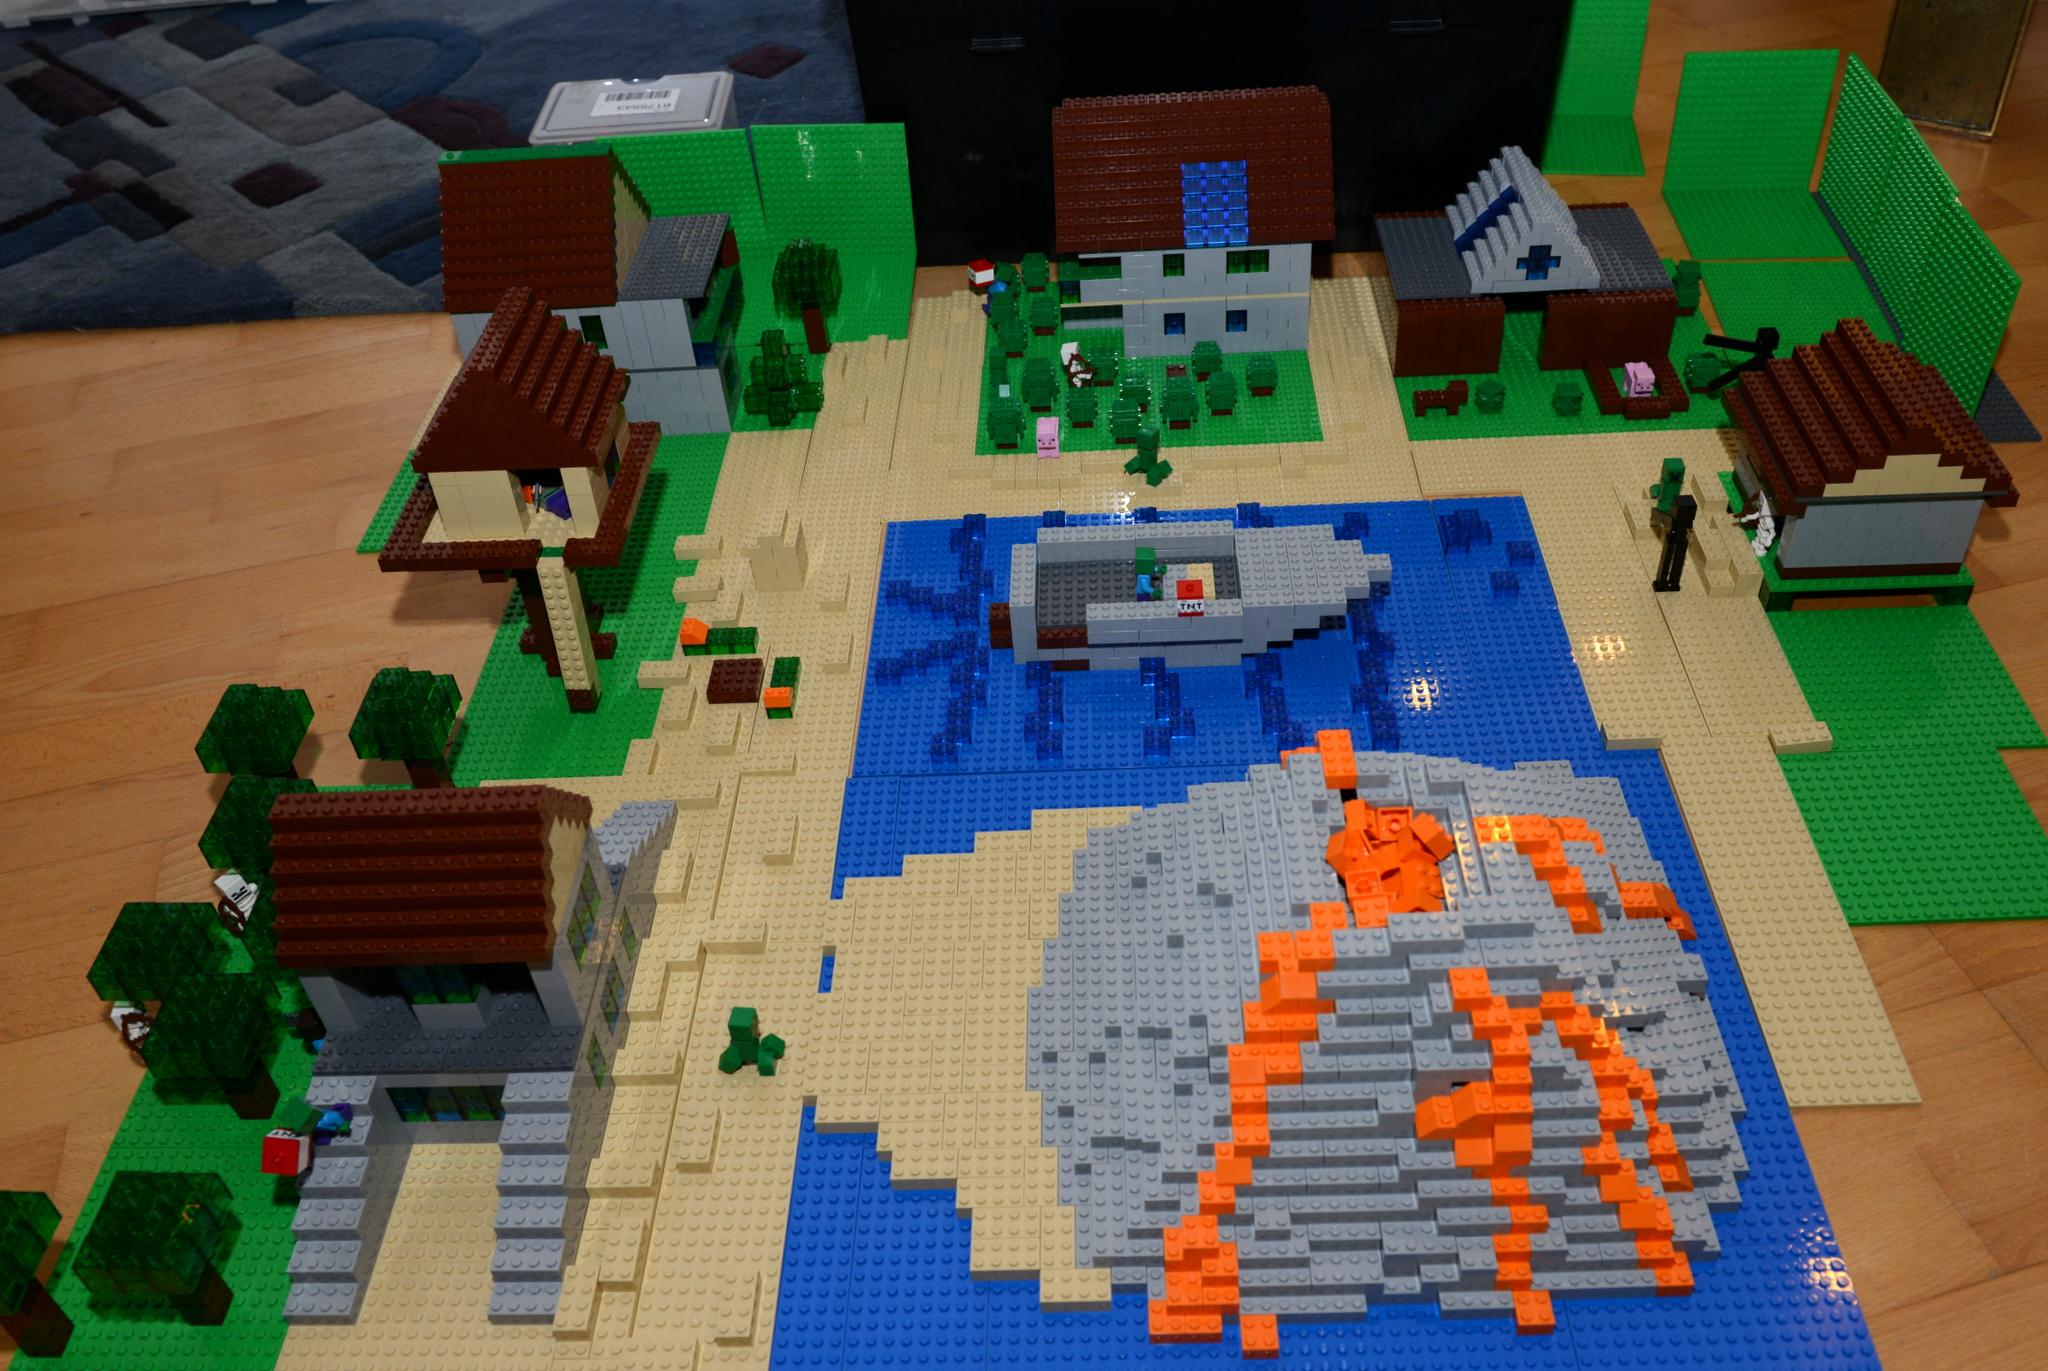 re neues minecraft set 21128 the village zu teuer. Black Bedroom Furniture Sets. Home Design Ideas